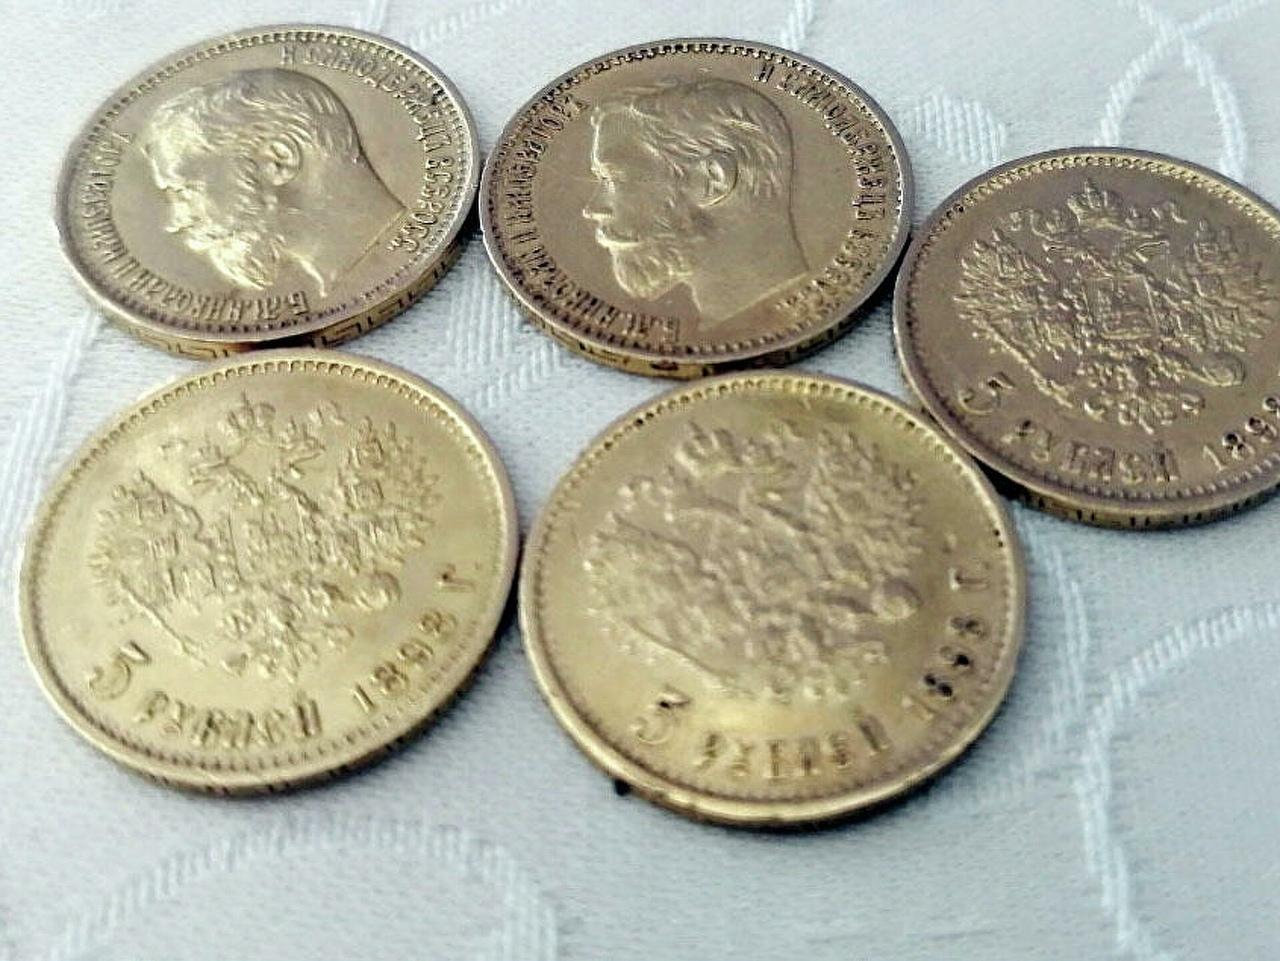 Таможня пресекла ввоз в Беларусь золотых монет и драгоценностей – видео